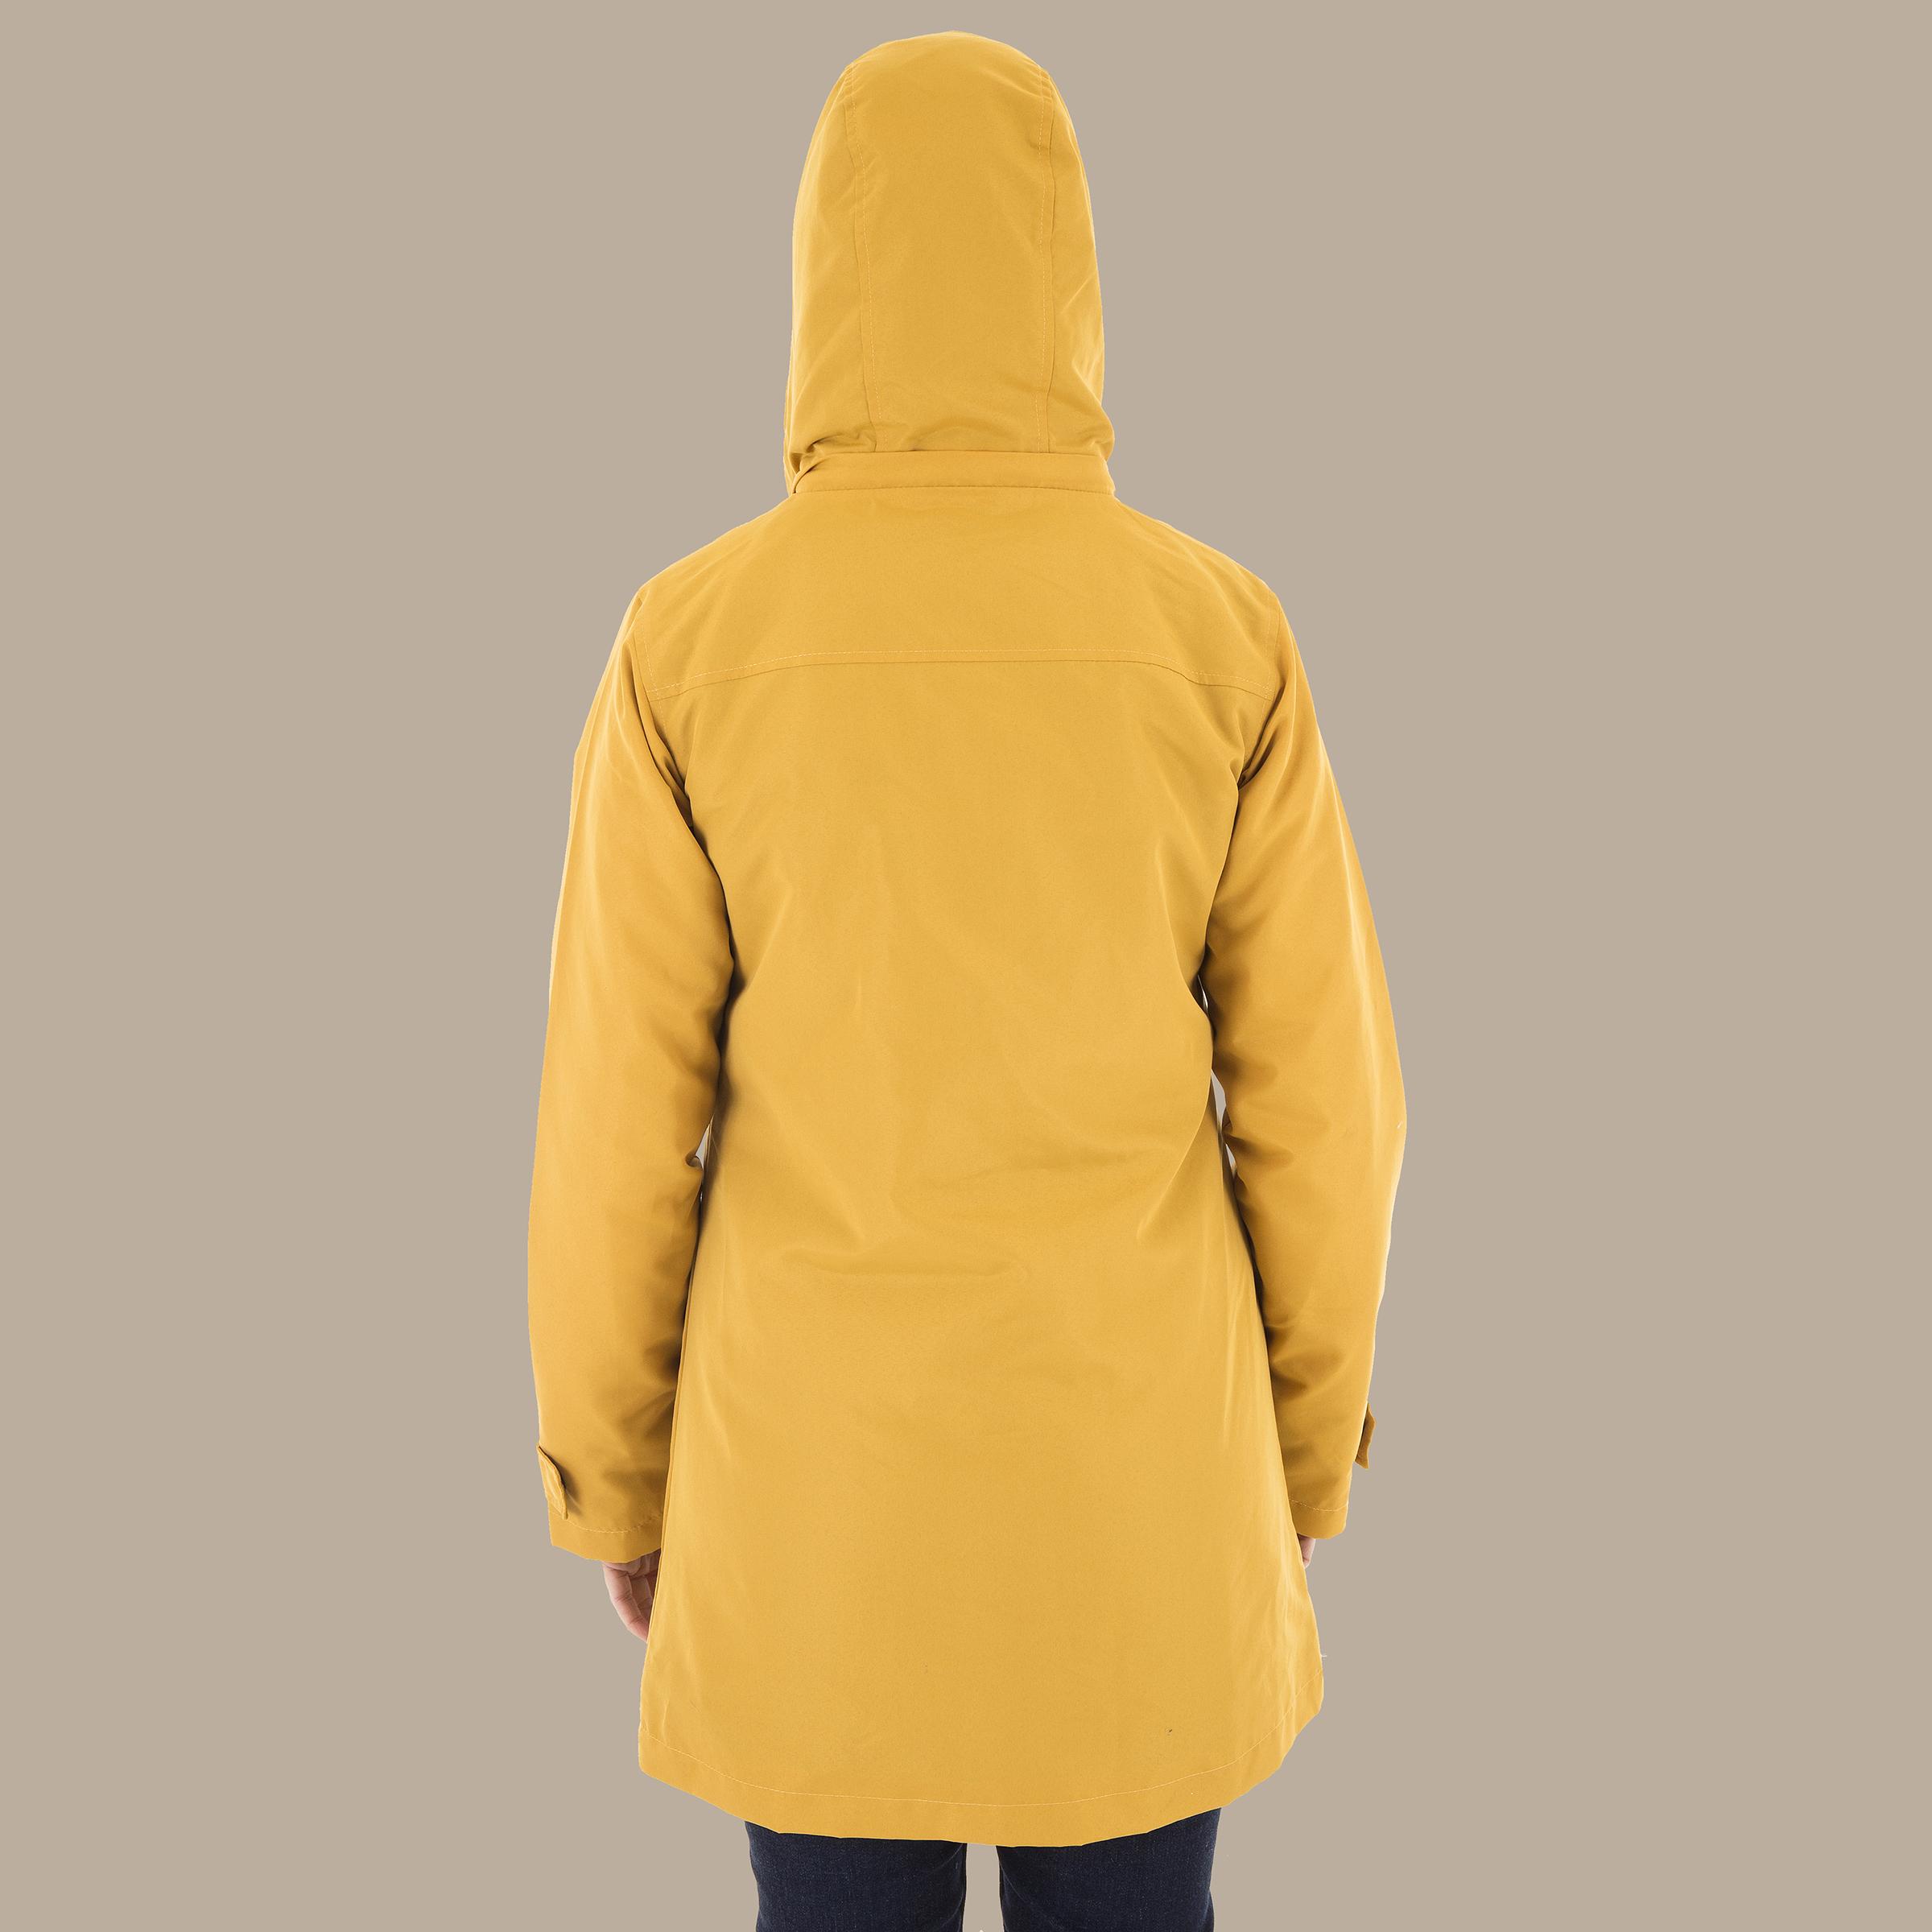 Rain Jacket_Back_Hood Up